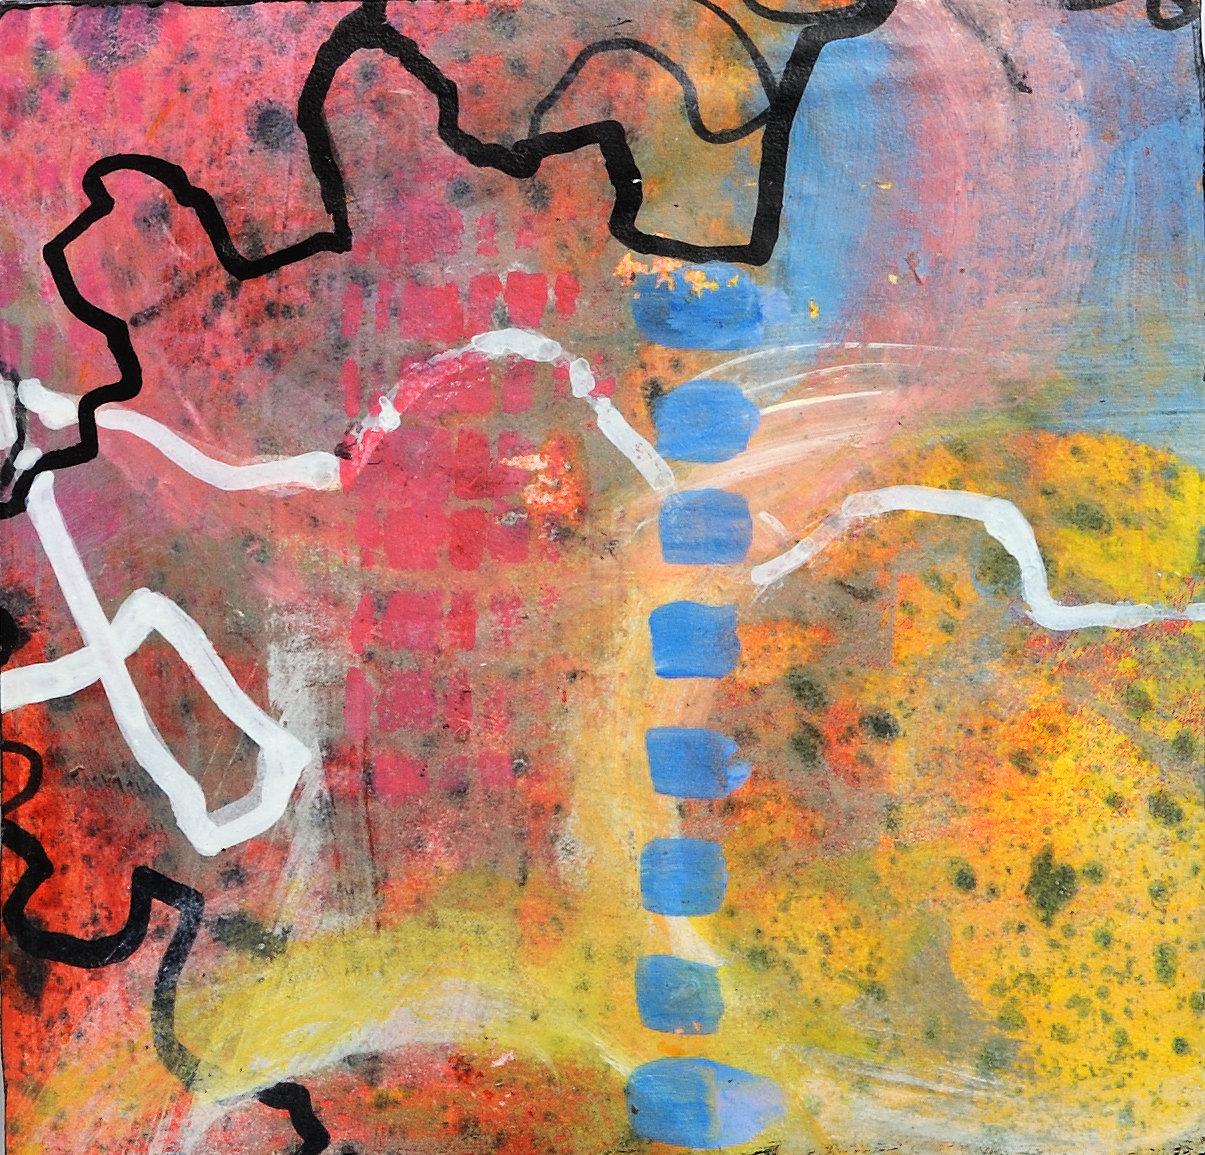 Art spots absrtract 2_4 of 4.jpg